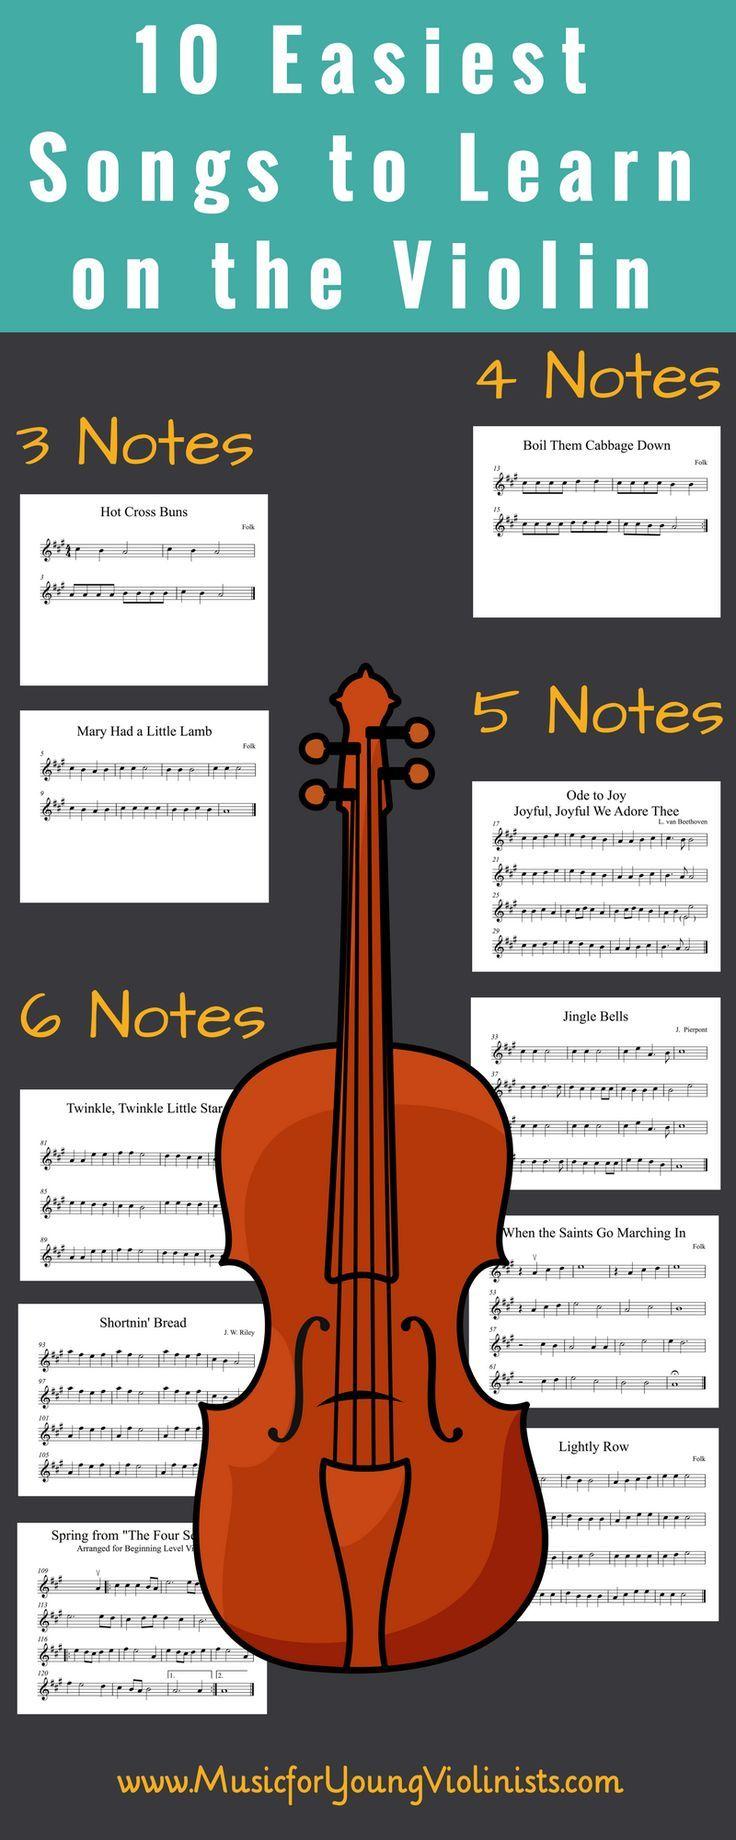 Easy Violin Songs Here is a list of the 10 easiest songs